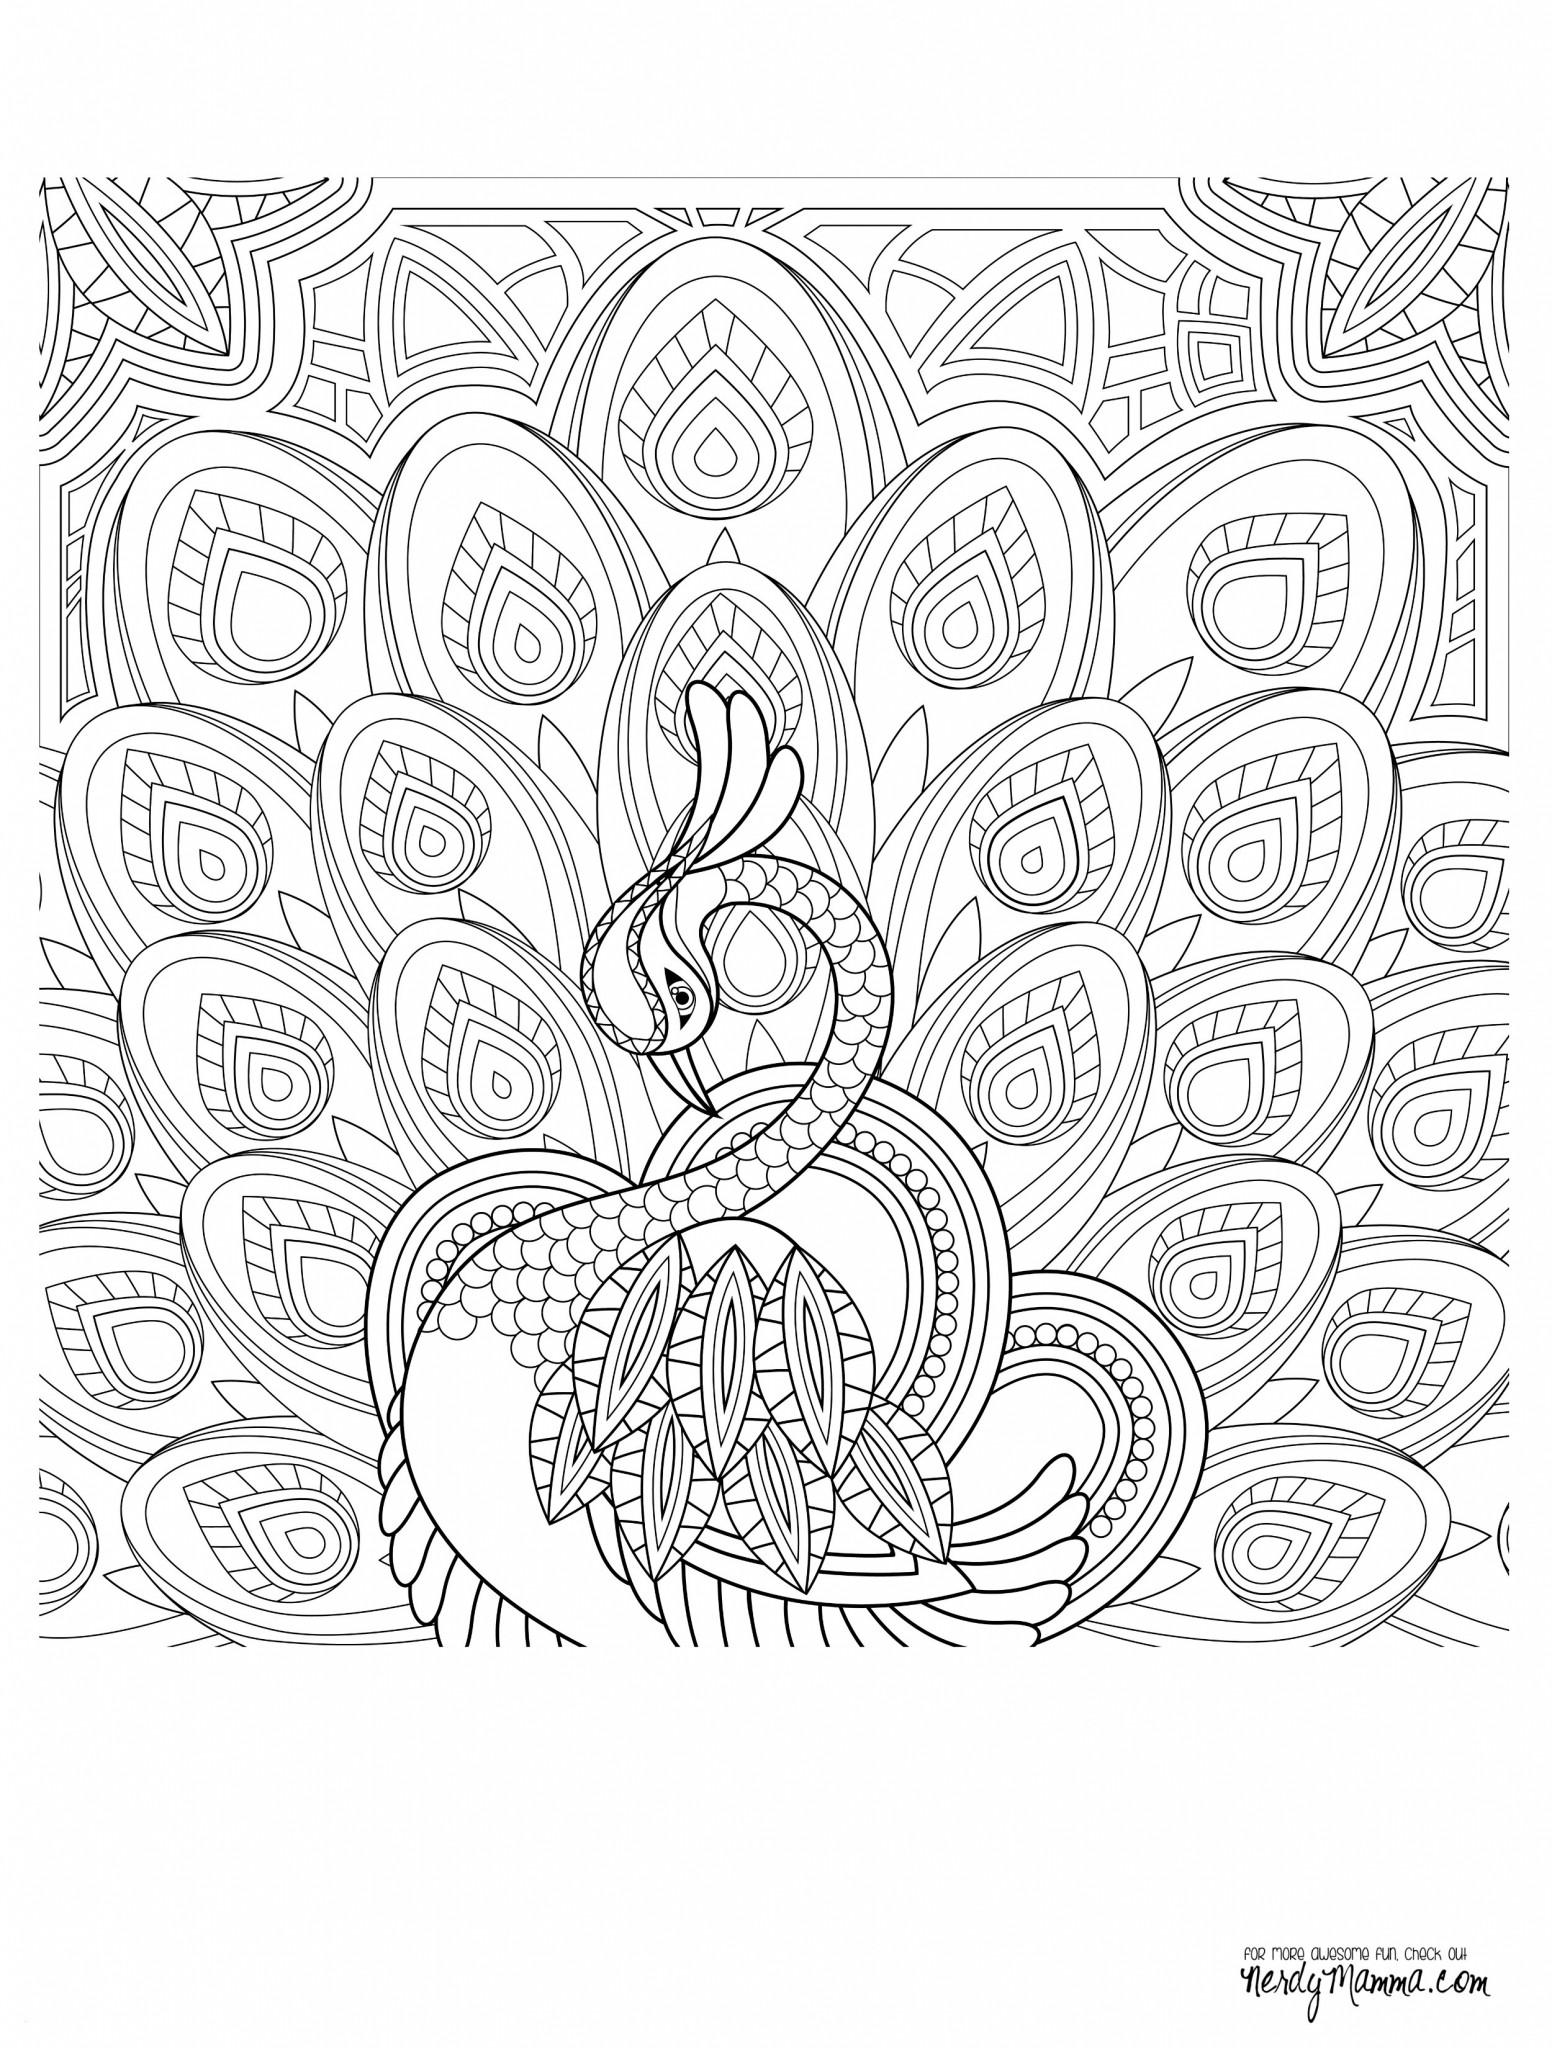 Ausmalbilder Weihnachten Ausdrucken Kostenlos Genial Weihnachten Mandala Ausmalbilder Bild